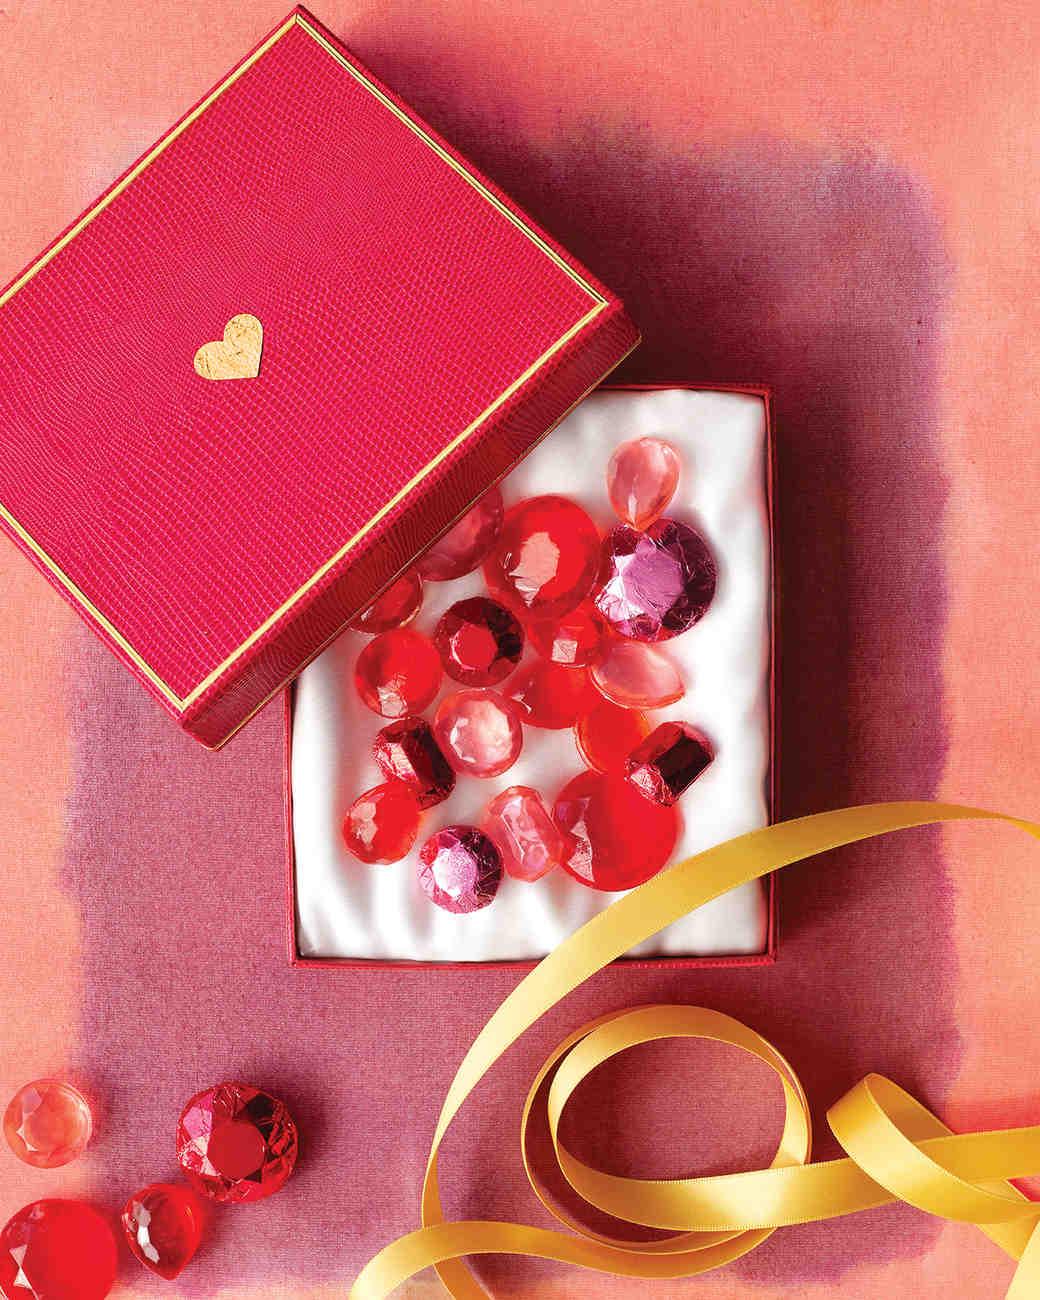 caja de caramelos hecha a mano, decoración en rojo y dorado, adorables ideas de regalos san valentin manualidades